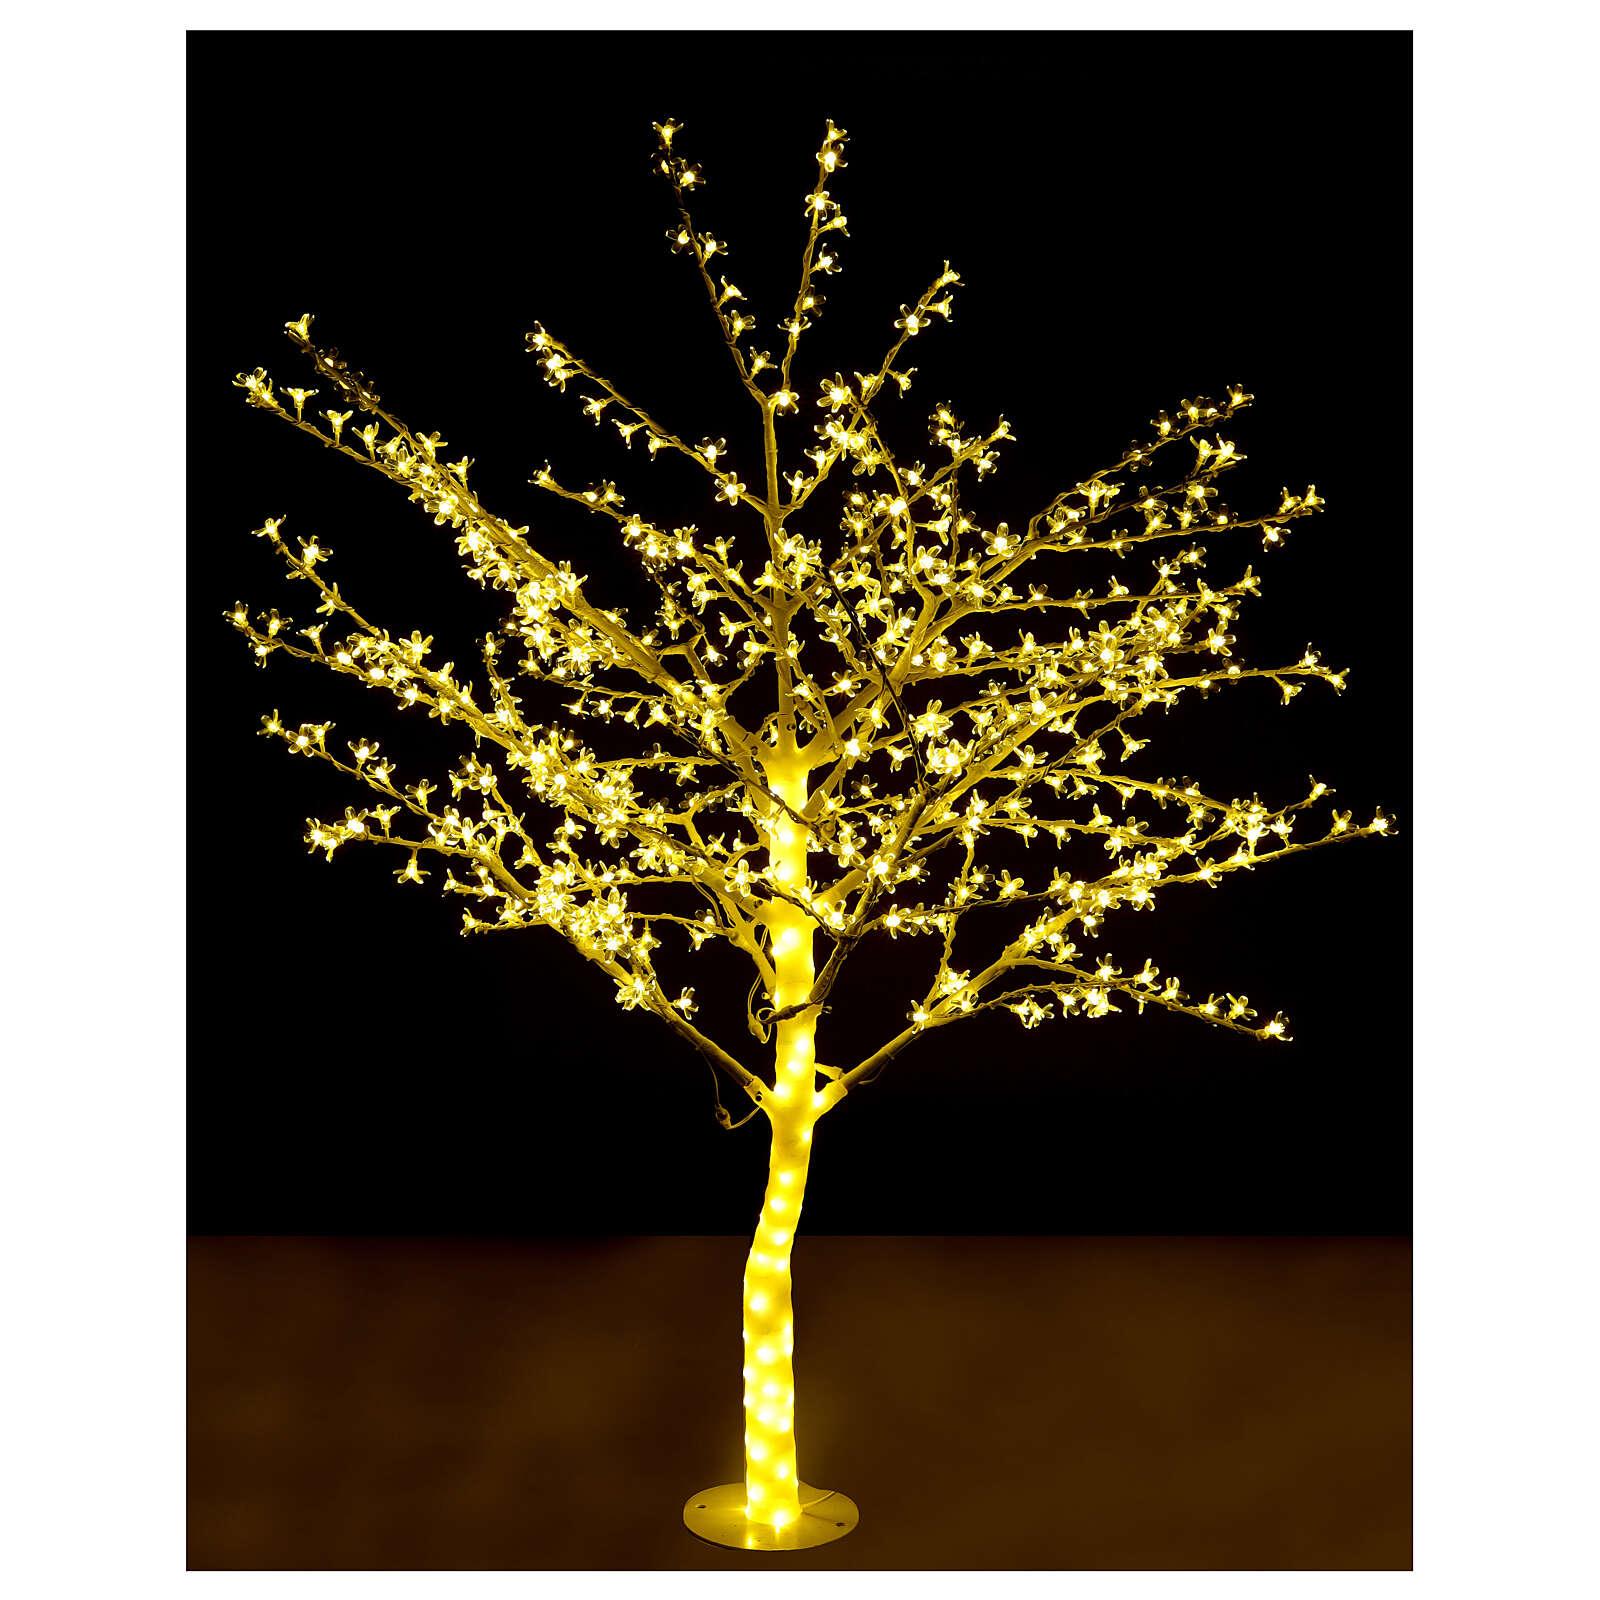 Árbol luminoso 180 cm cerezo en ciernes 600 led blanco cálido para exterior 3